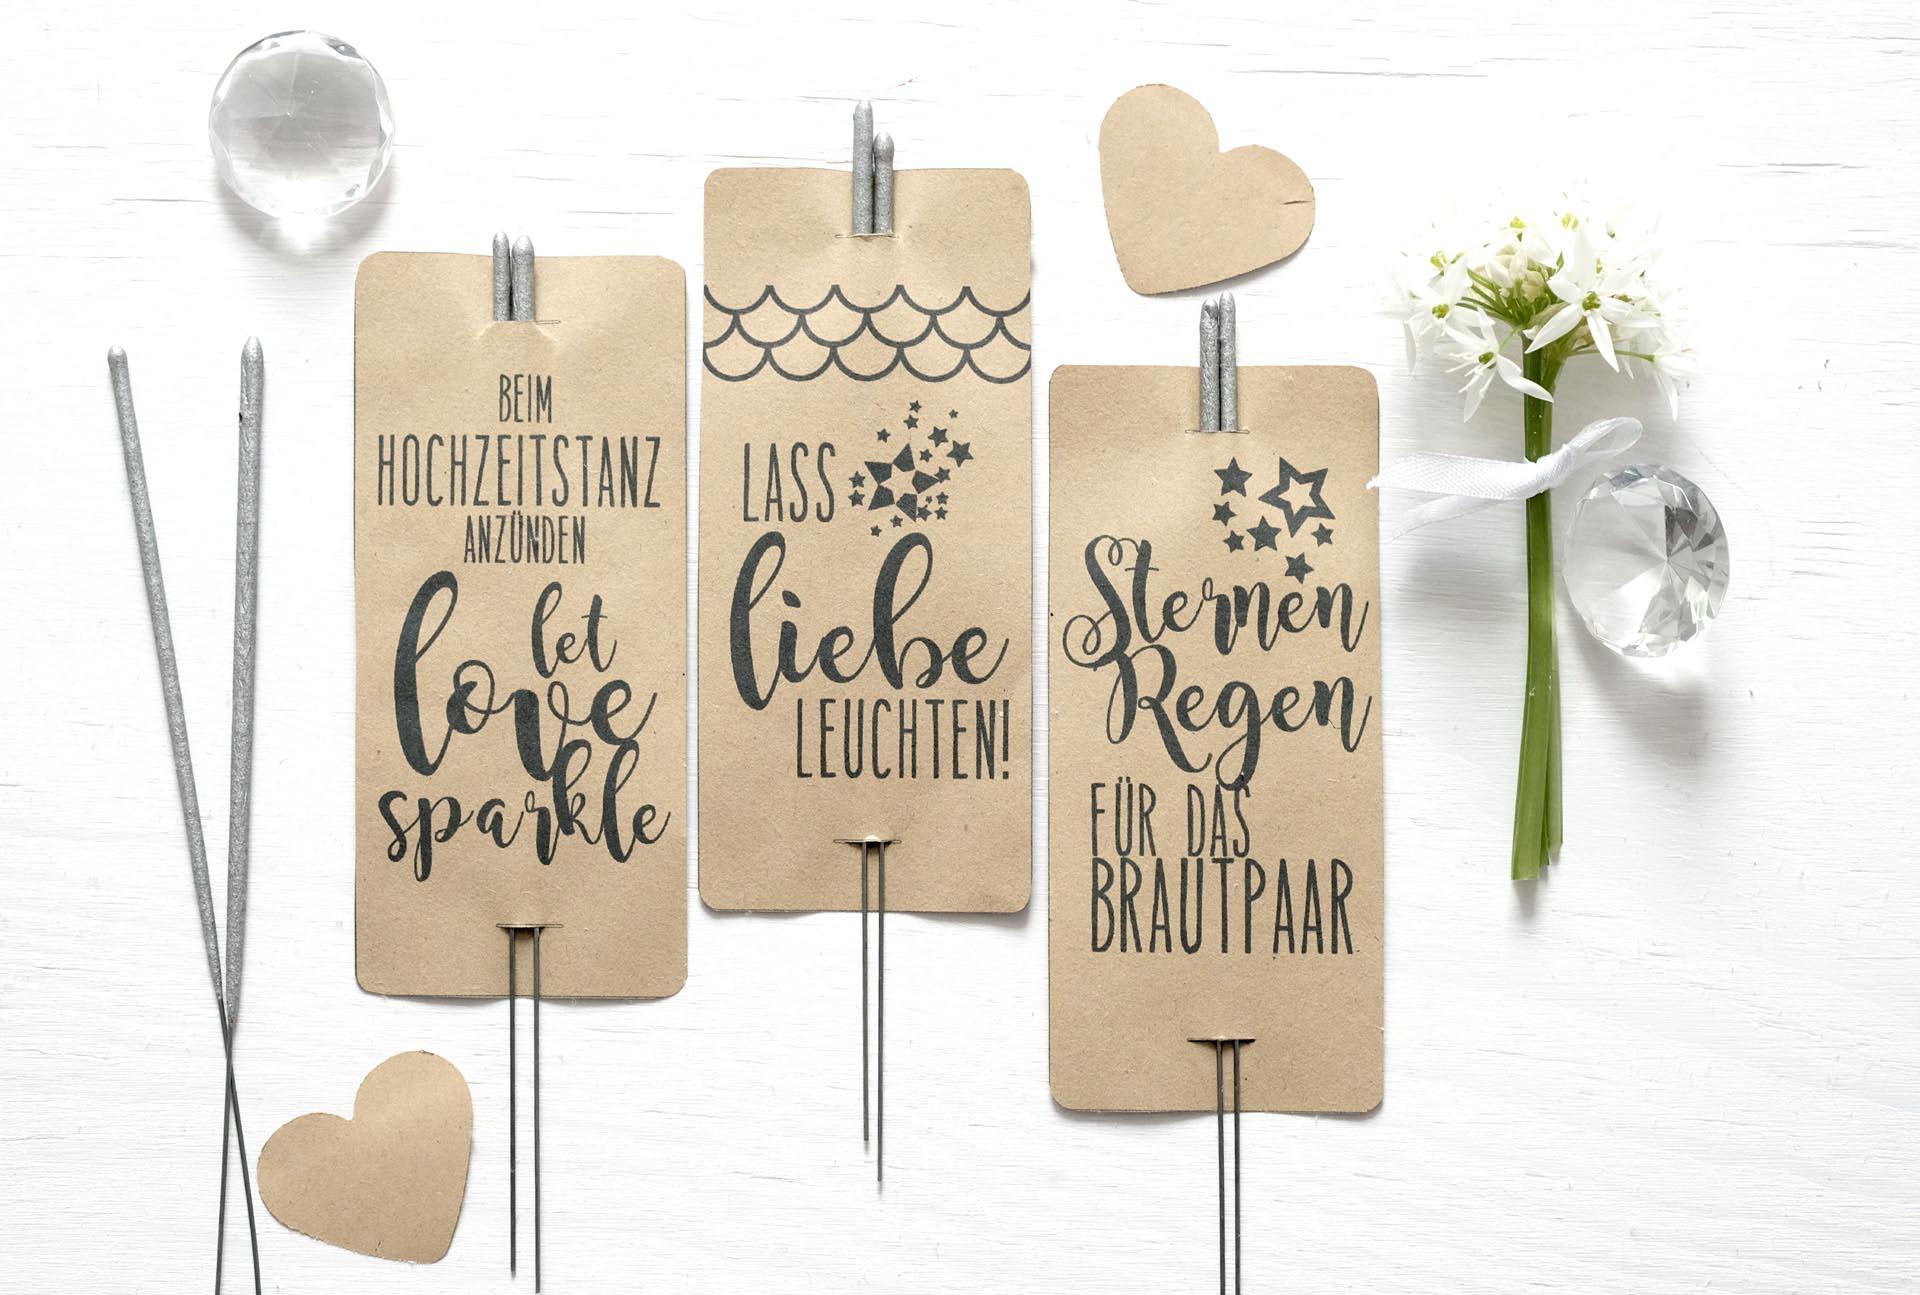 Ungewöhnlich Hochzeit Vorlage Ideen - Entry Level Resume Vorlagen ...